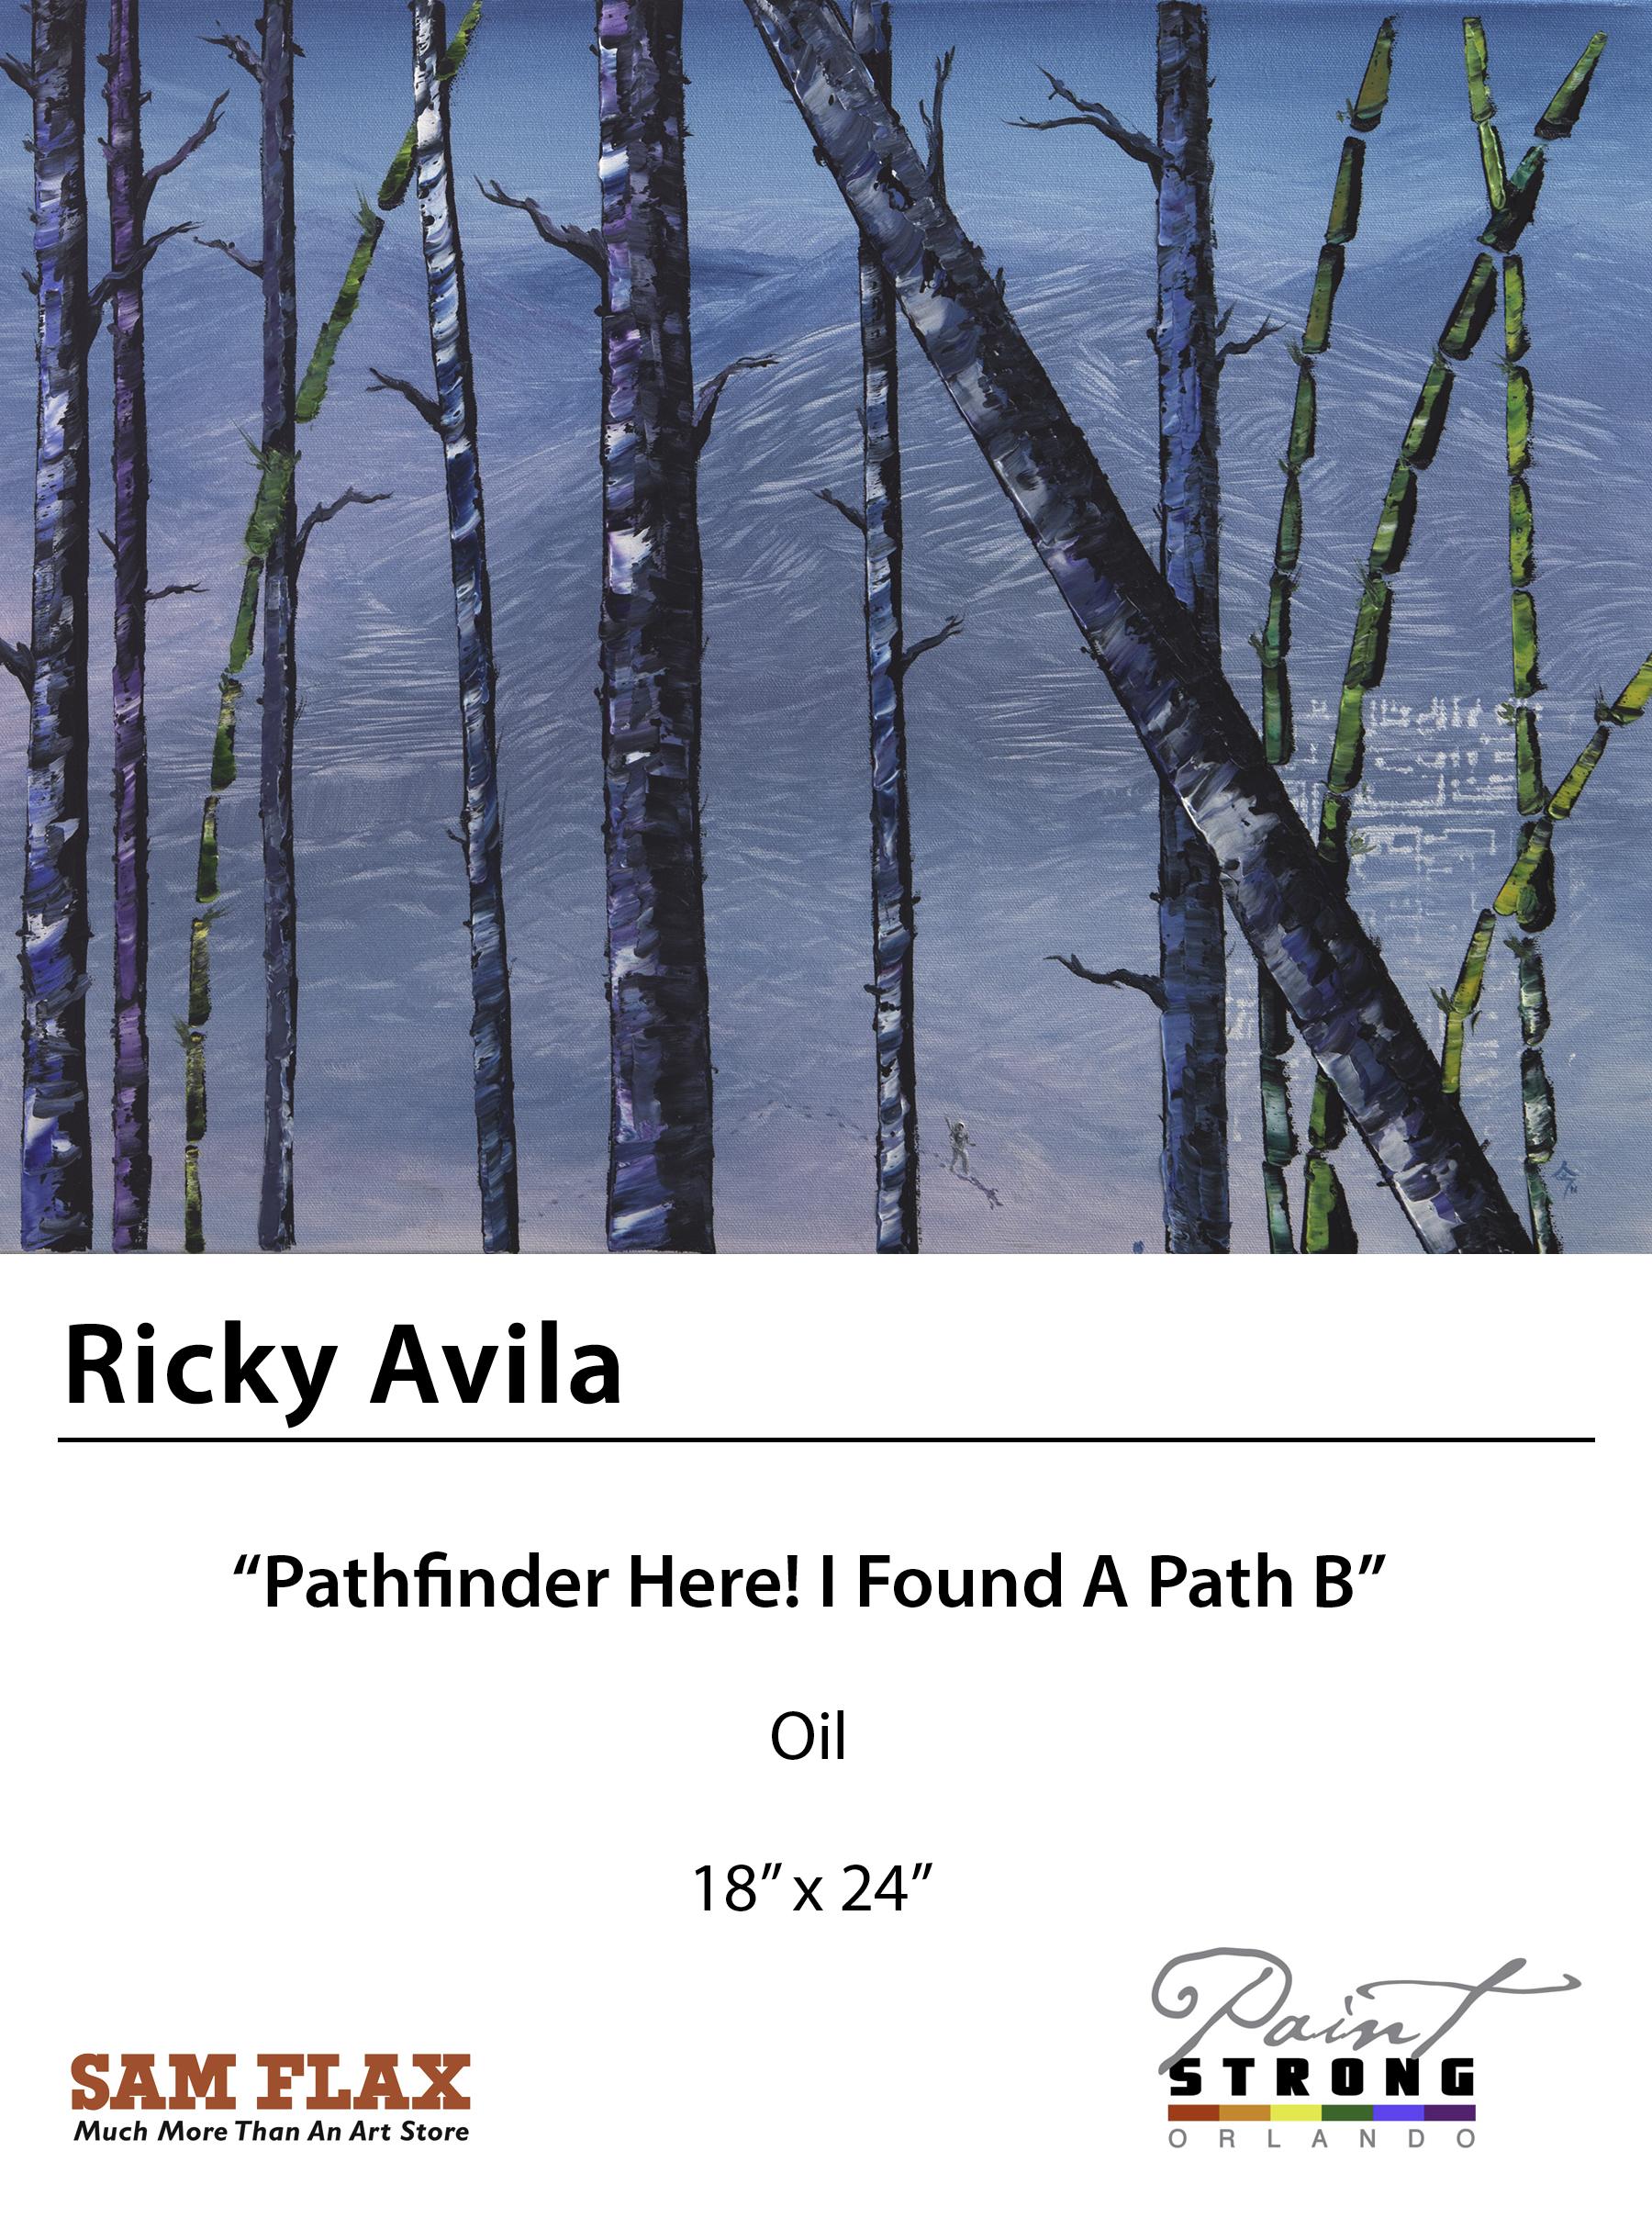 Ricky Avila